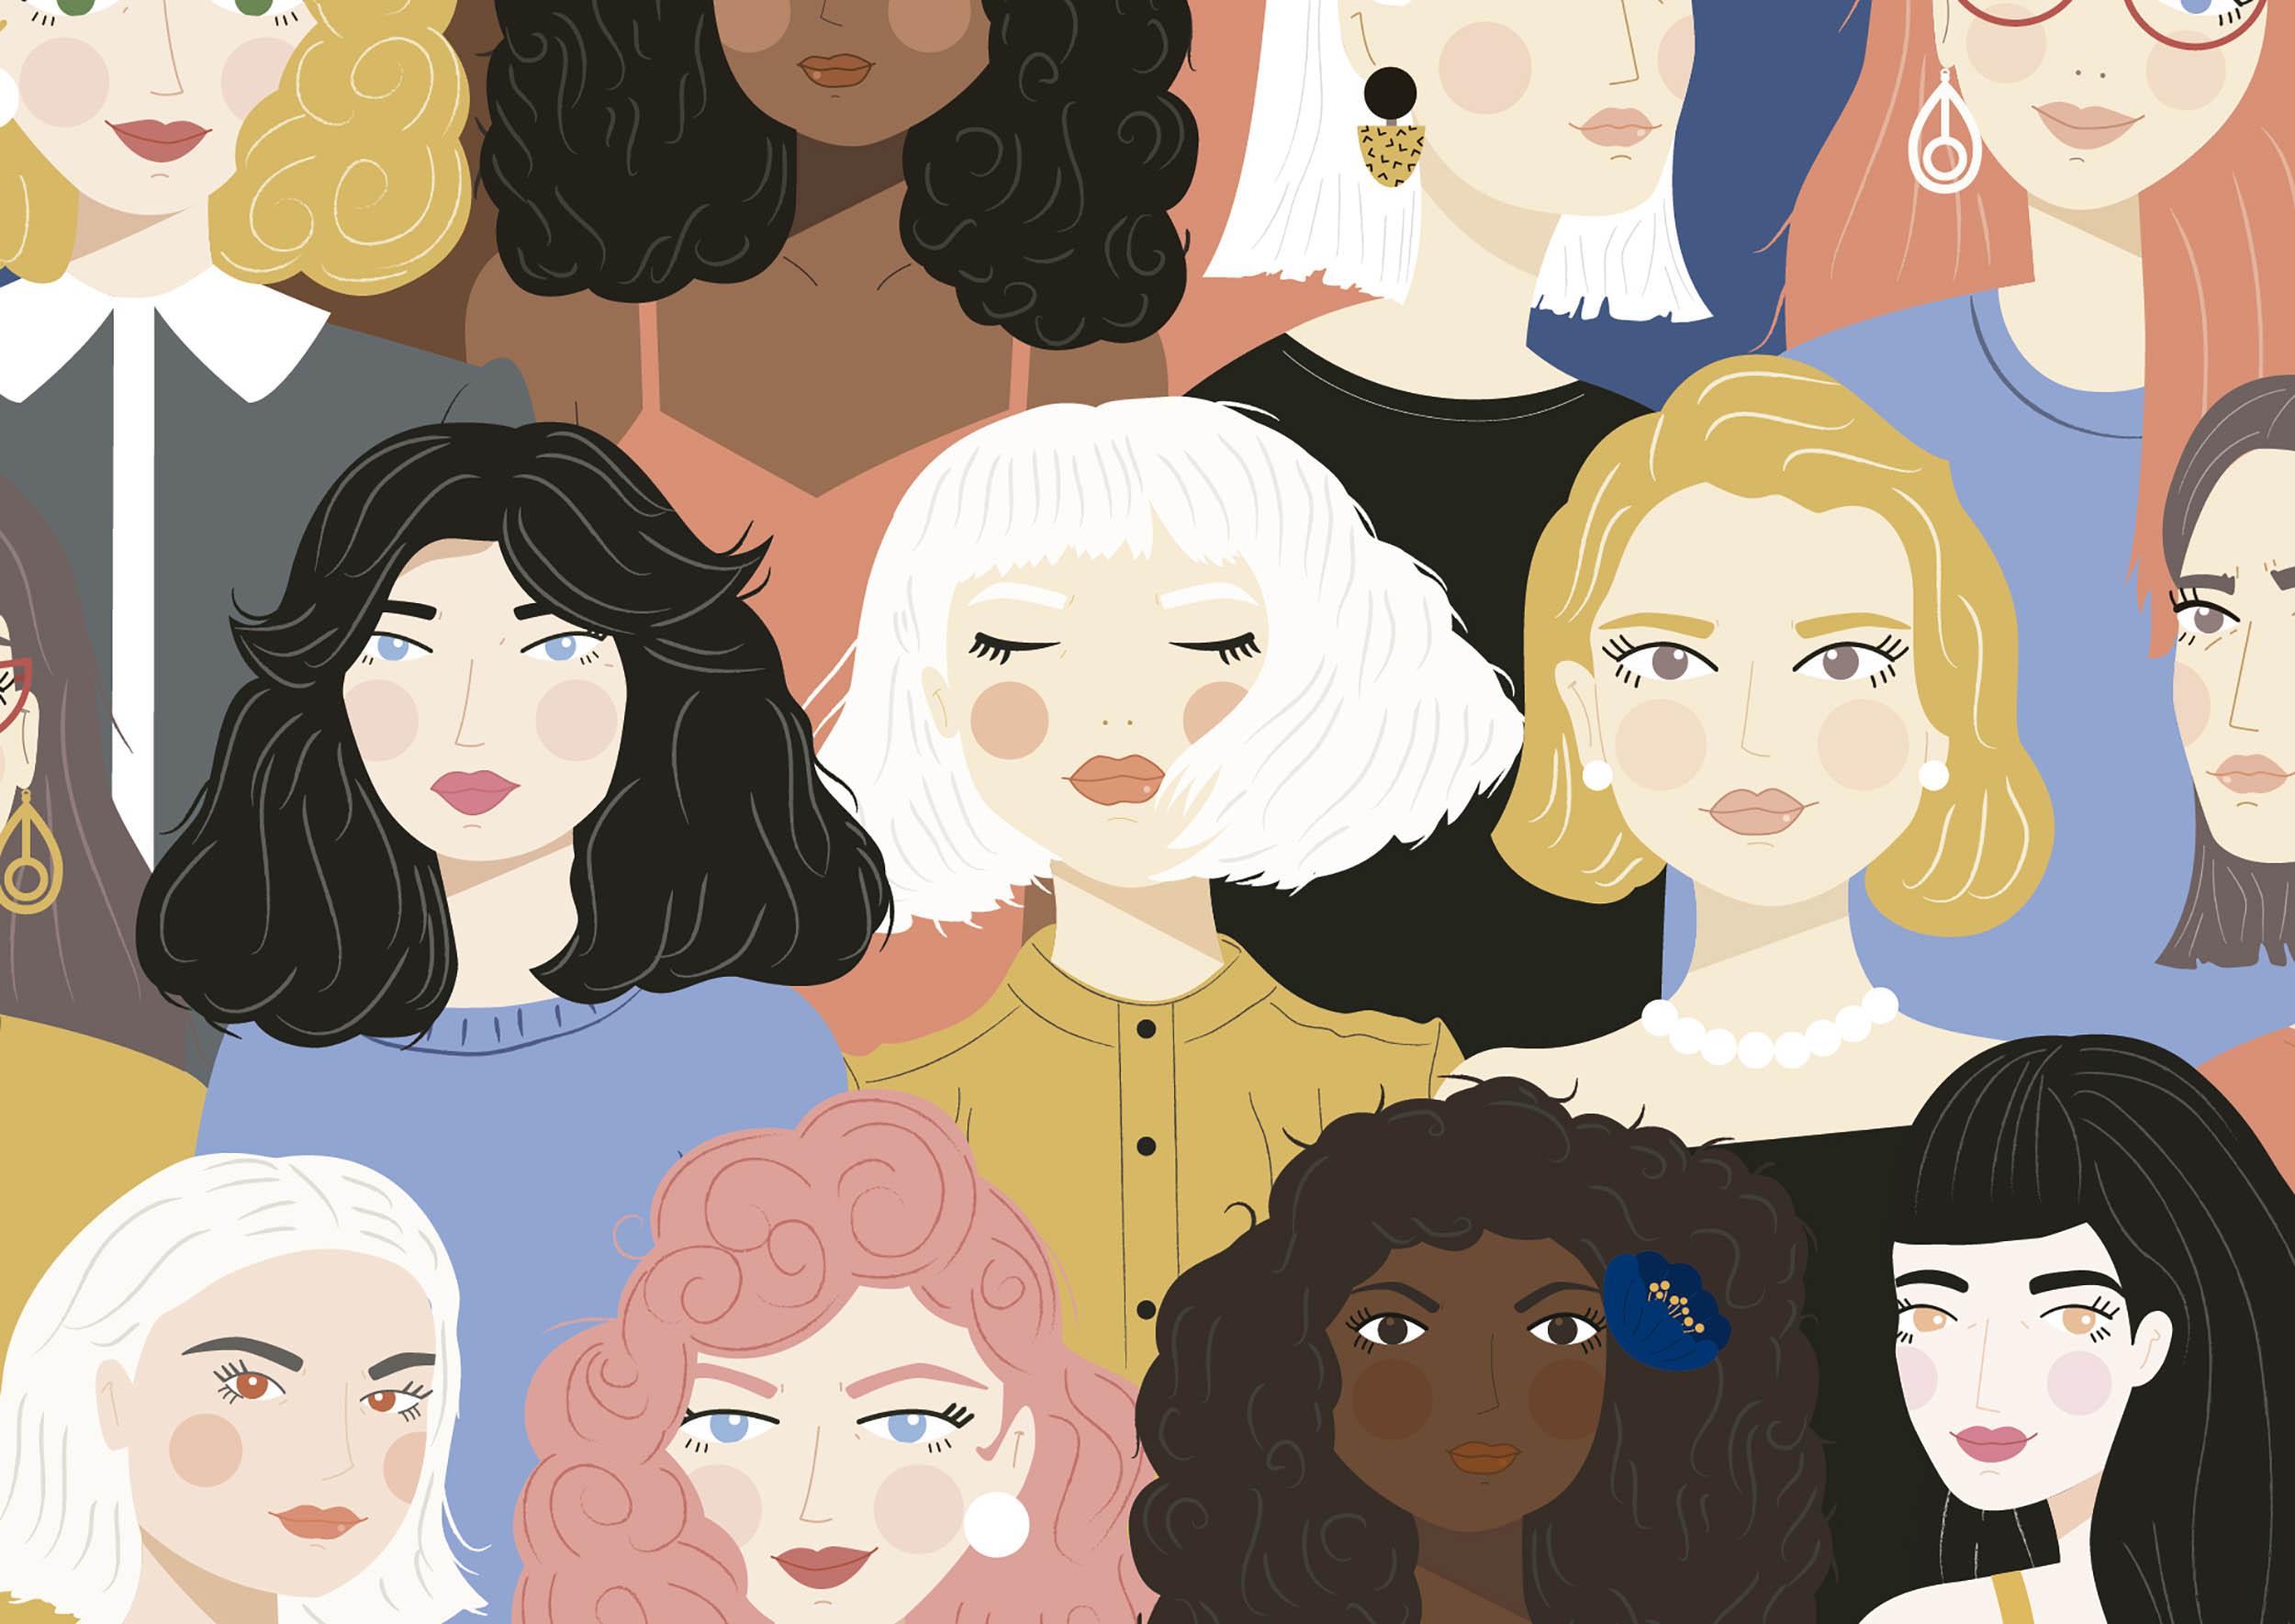 La imagen puede contener: Persona, Cabeza, Arte, Dibujo, Cara, Multitud, Libro, Doodle, Personas, Cómics, Cartel, Mandíbula, Gráficos, Público, Grupo, Jurado, Manga, Dibujo, Discurso, Cabello, Peluquero, Trabajador, Retrato, Lente de contacto, Abrazo , Dentista, Conferencia, Lavado, Alimentos, Debate, Artista intérprete o ejecutante, Muñeca, Barbie, Juez, Enfermera, Garganta, Fotomatón, Familia, Postre, Maquillaje facial, Pastelería, Cuello, Cassette, Muffin, Trenza, Cojín, Escuela, Estantería, Corazón Radio.